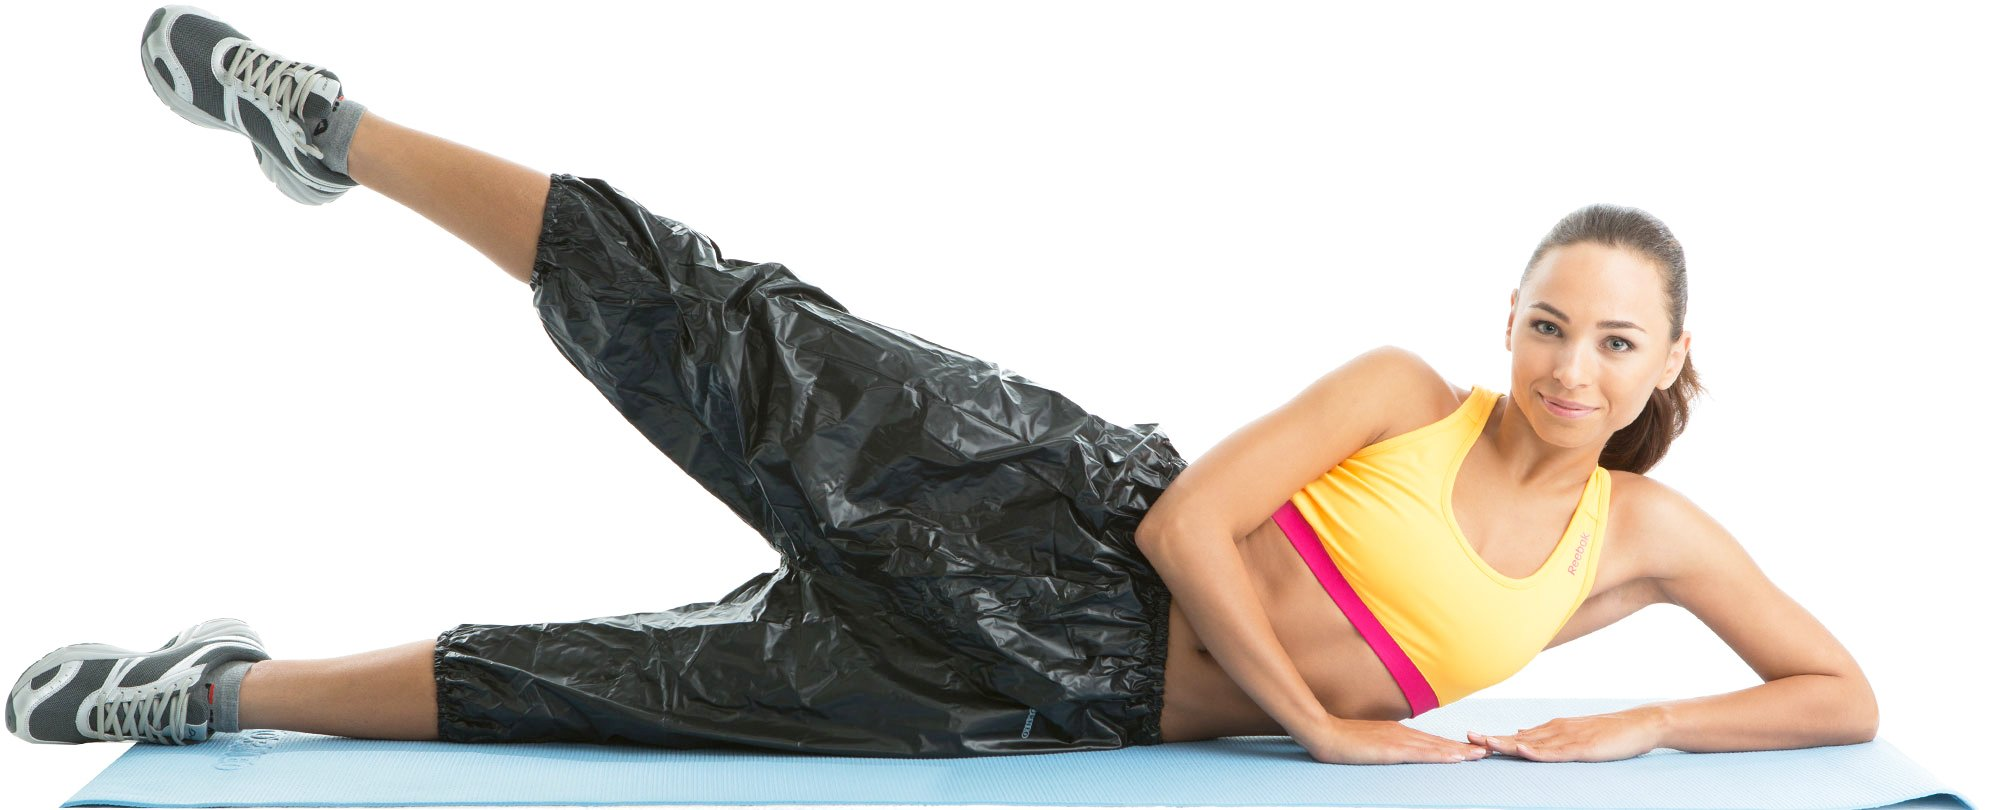 Костюм-сауна для схуднення: плюси і мінуси